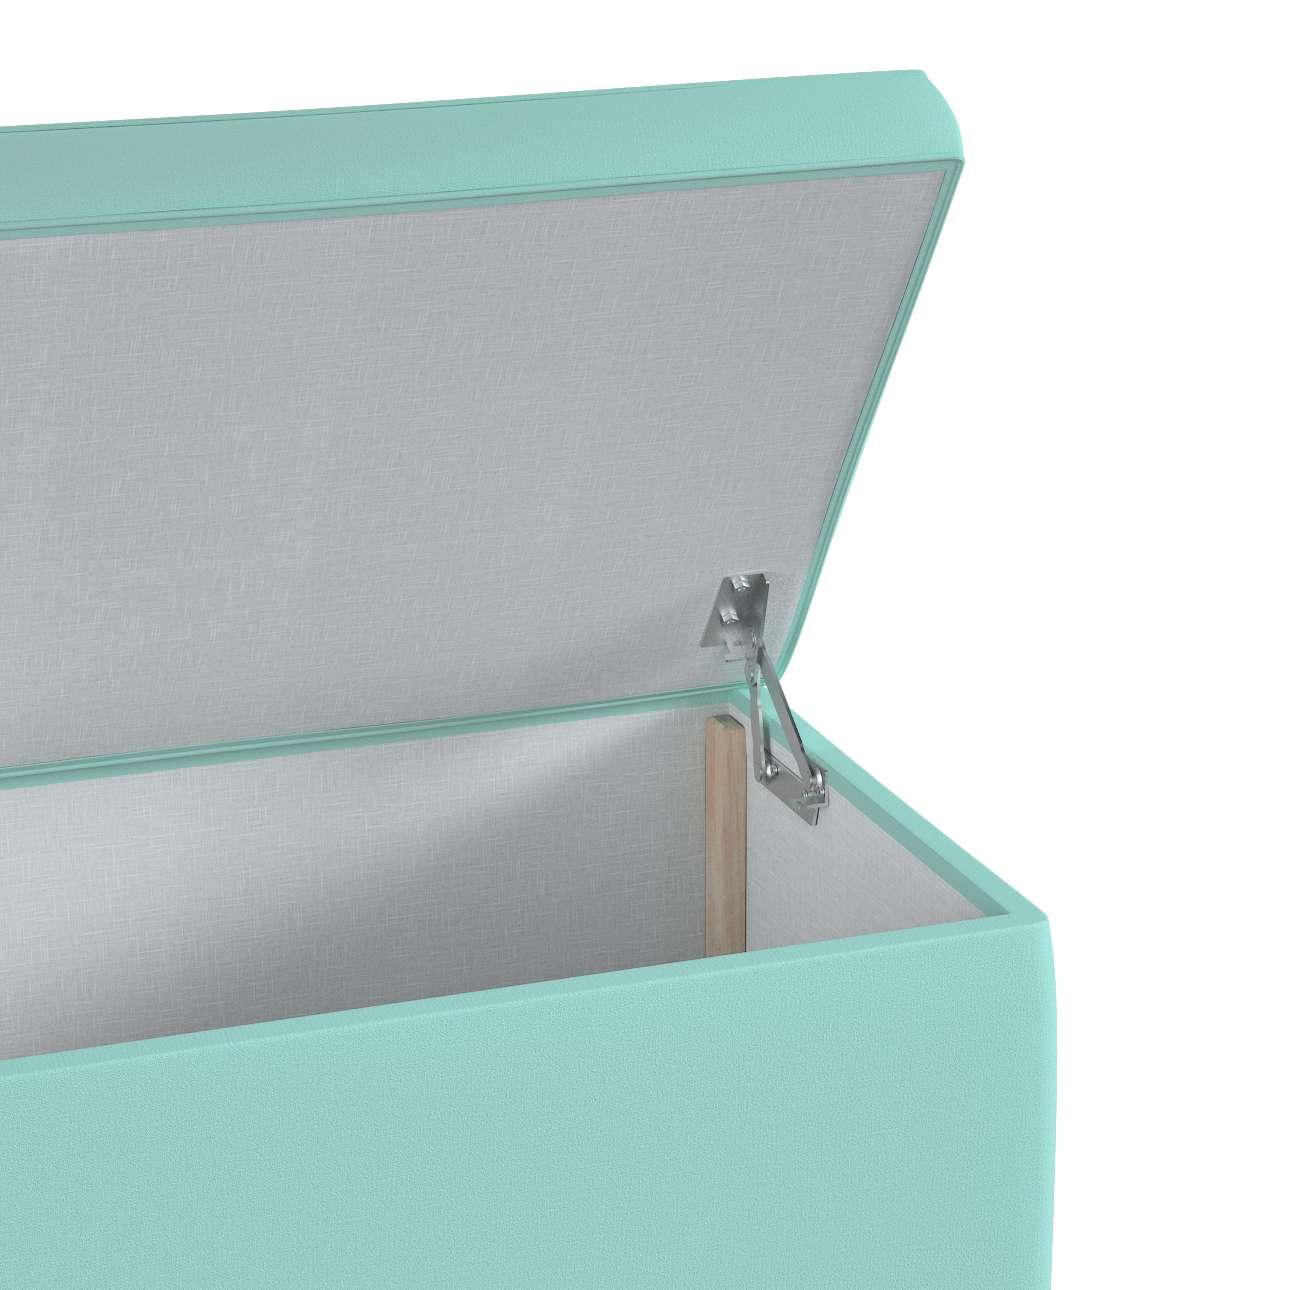 Čalouněná skříň s volbou látky - 2 velikosti v kolekci Loneta, látka: 133-32